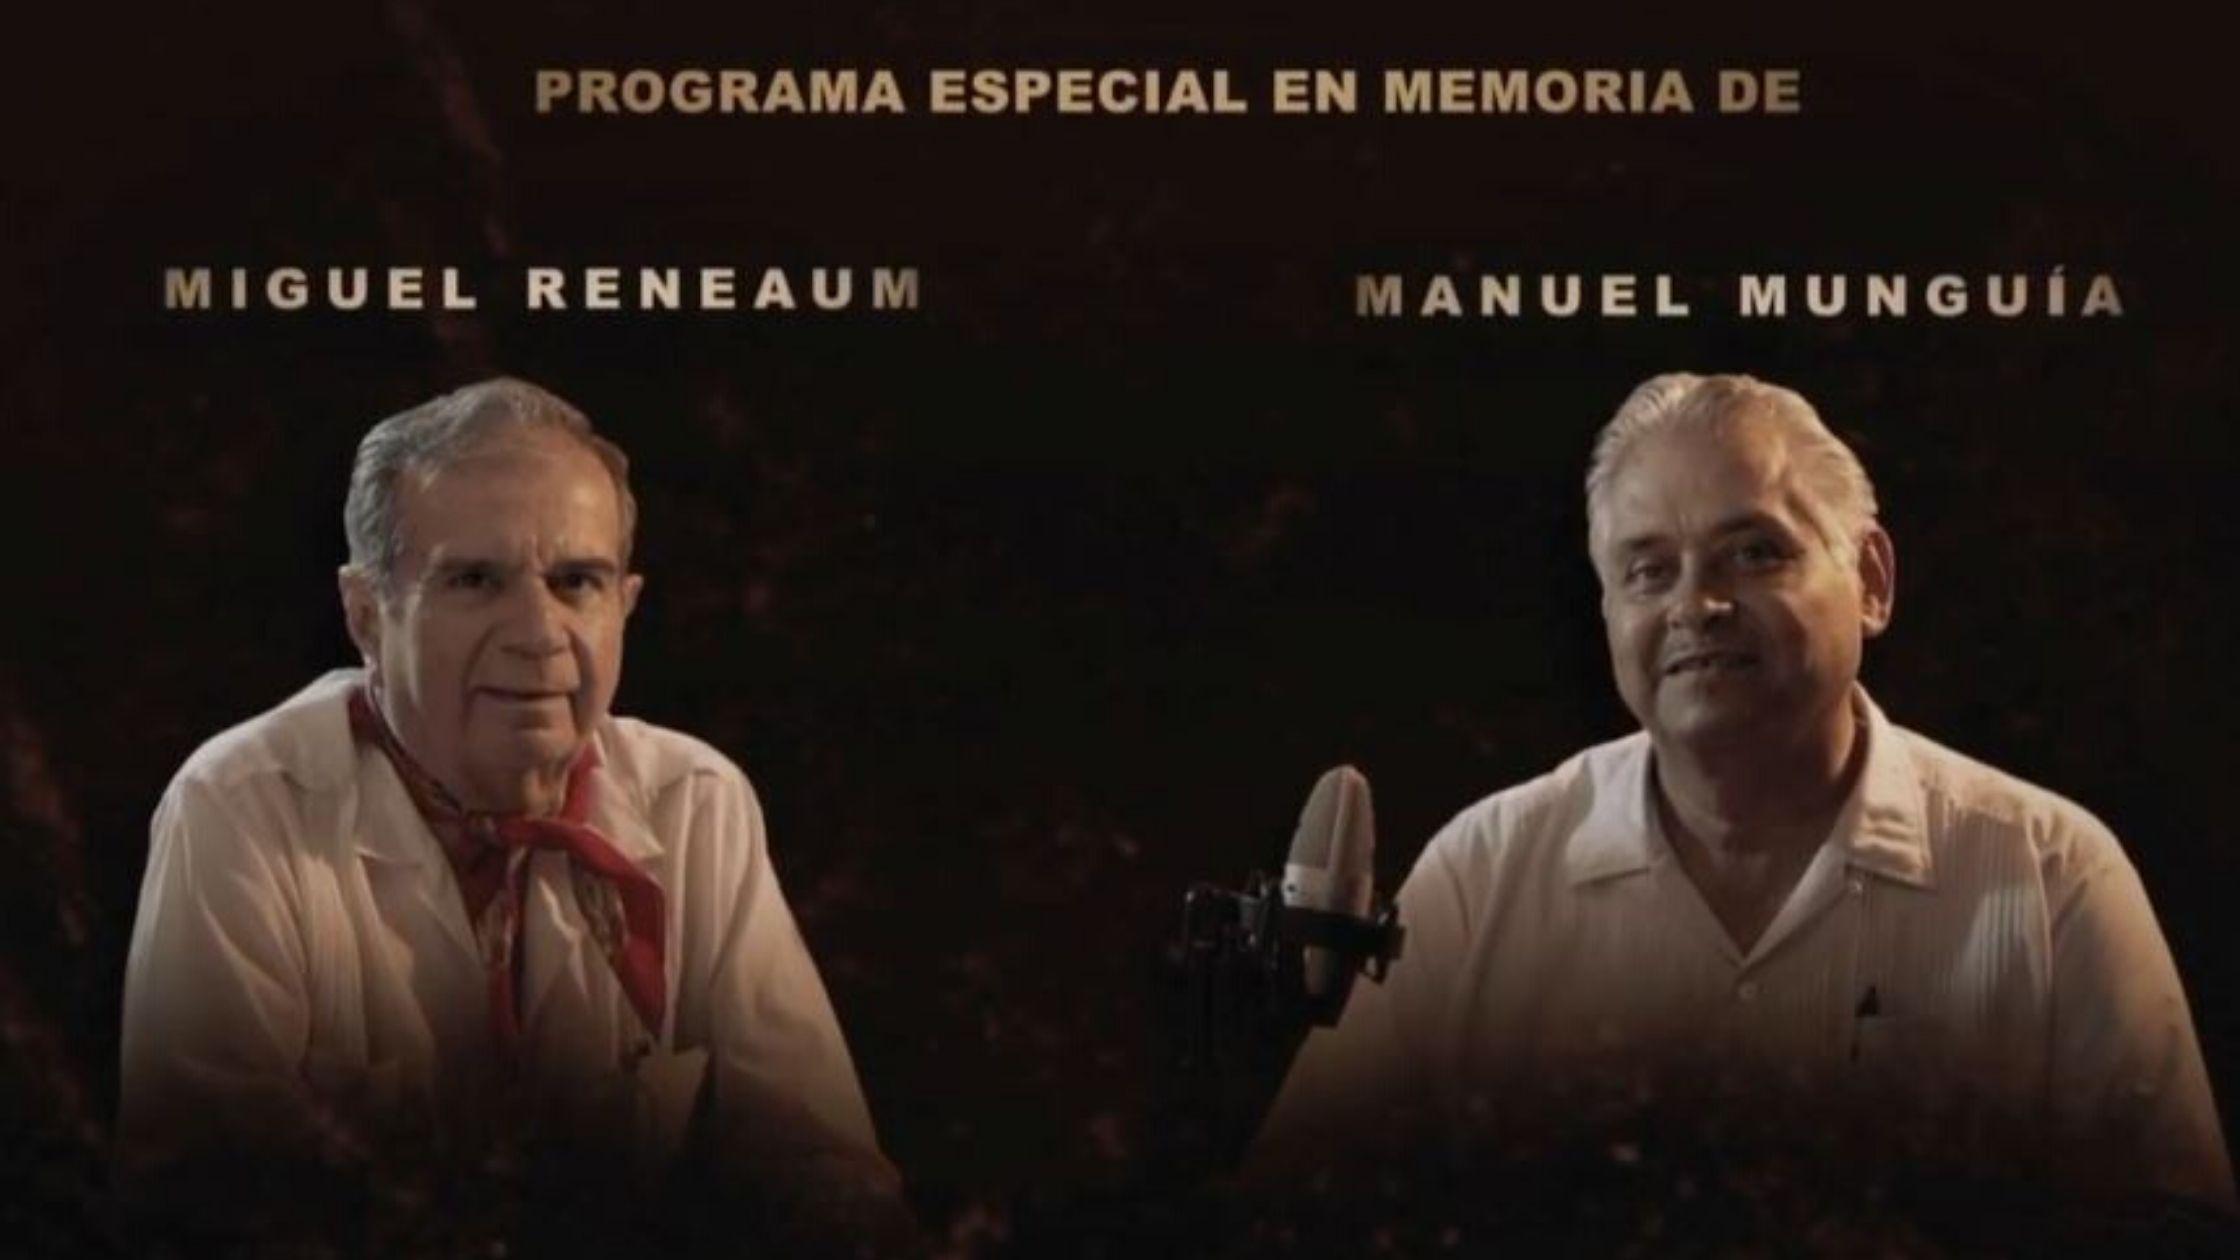 Develan placa conmemorativa en honor a dos grandes de la radio pública en Veracruz